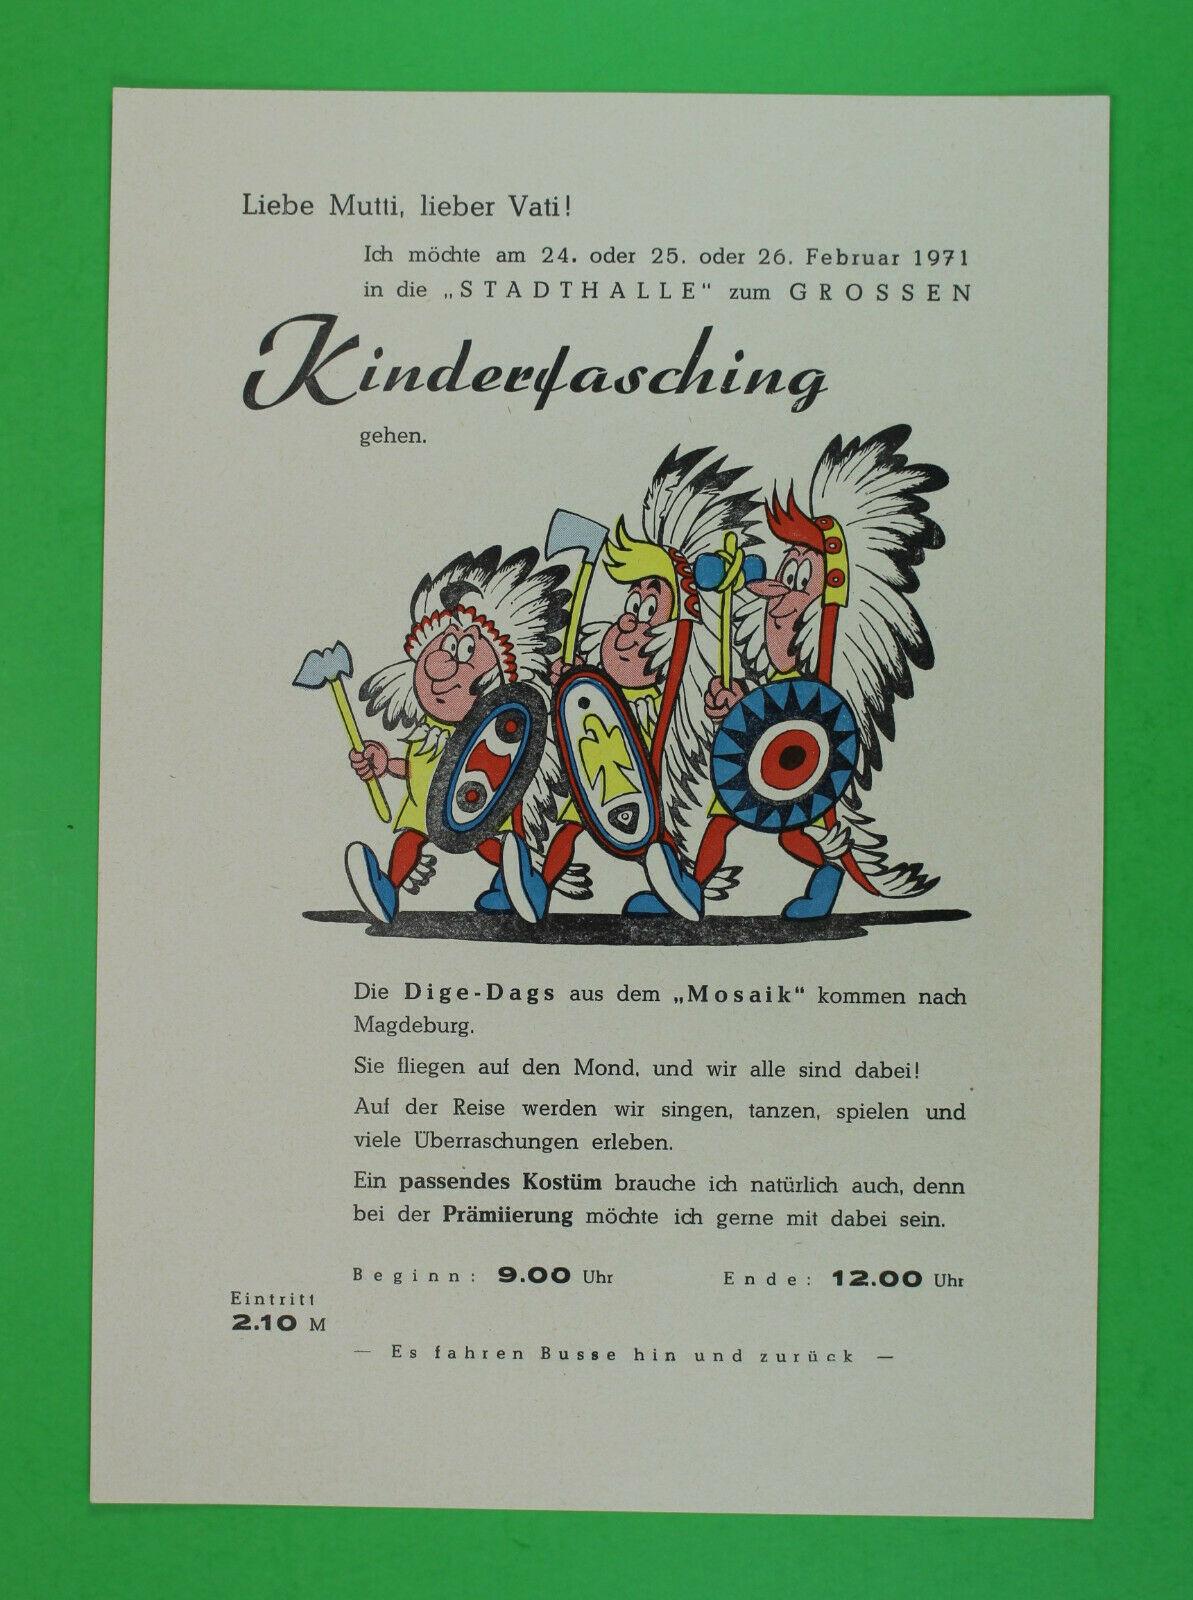 WIPA Mosaik Digedags Beilage Einlage Nr. 168 Werbung Kinderfasching Magdeburg